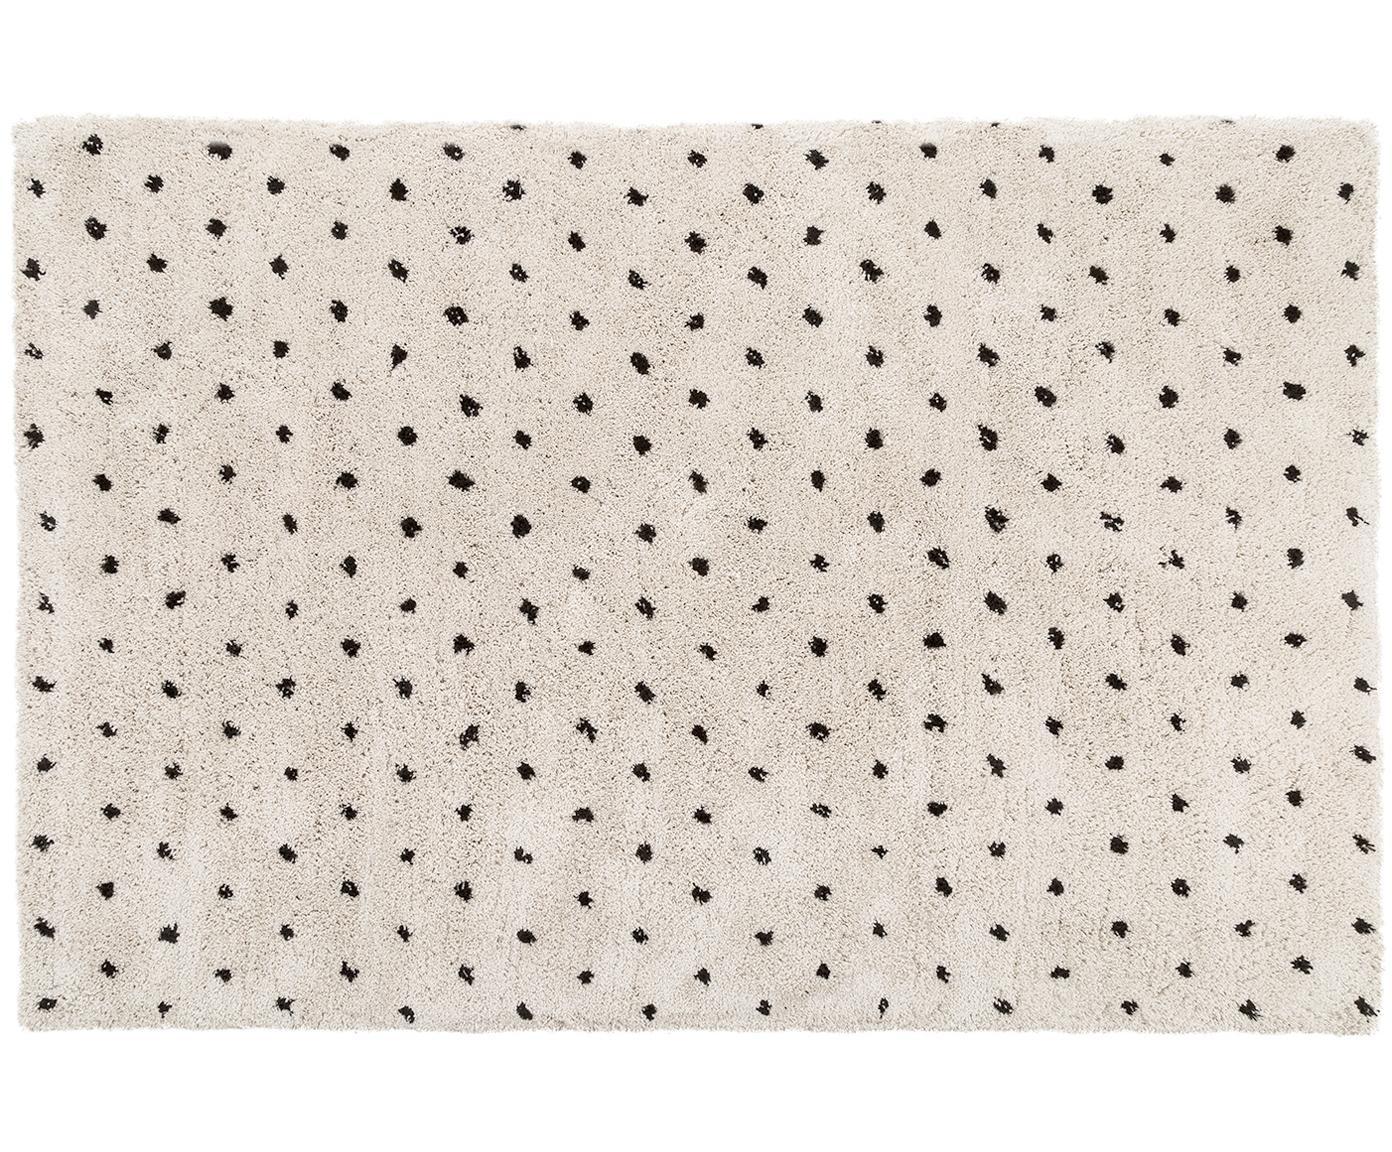 Handgetuft vloerkleed Ayana, Bovenzijde: 100% polyester, Onderzijde: 100% katoen, Beige, zwart, 200 x 300 cm